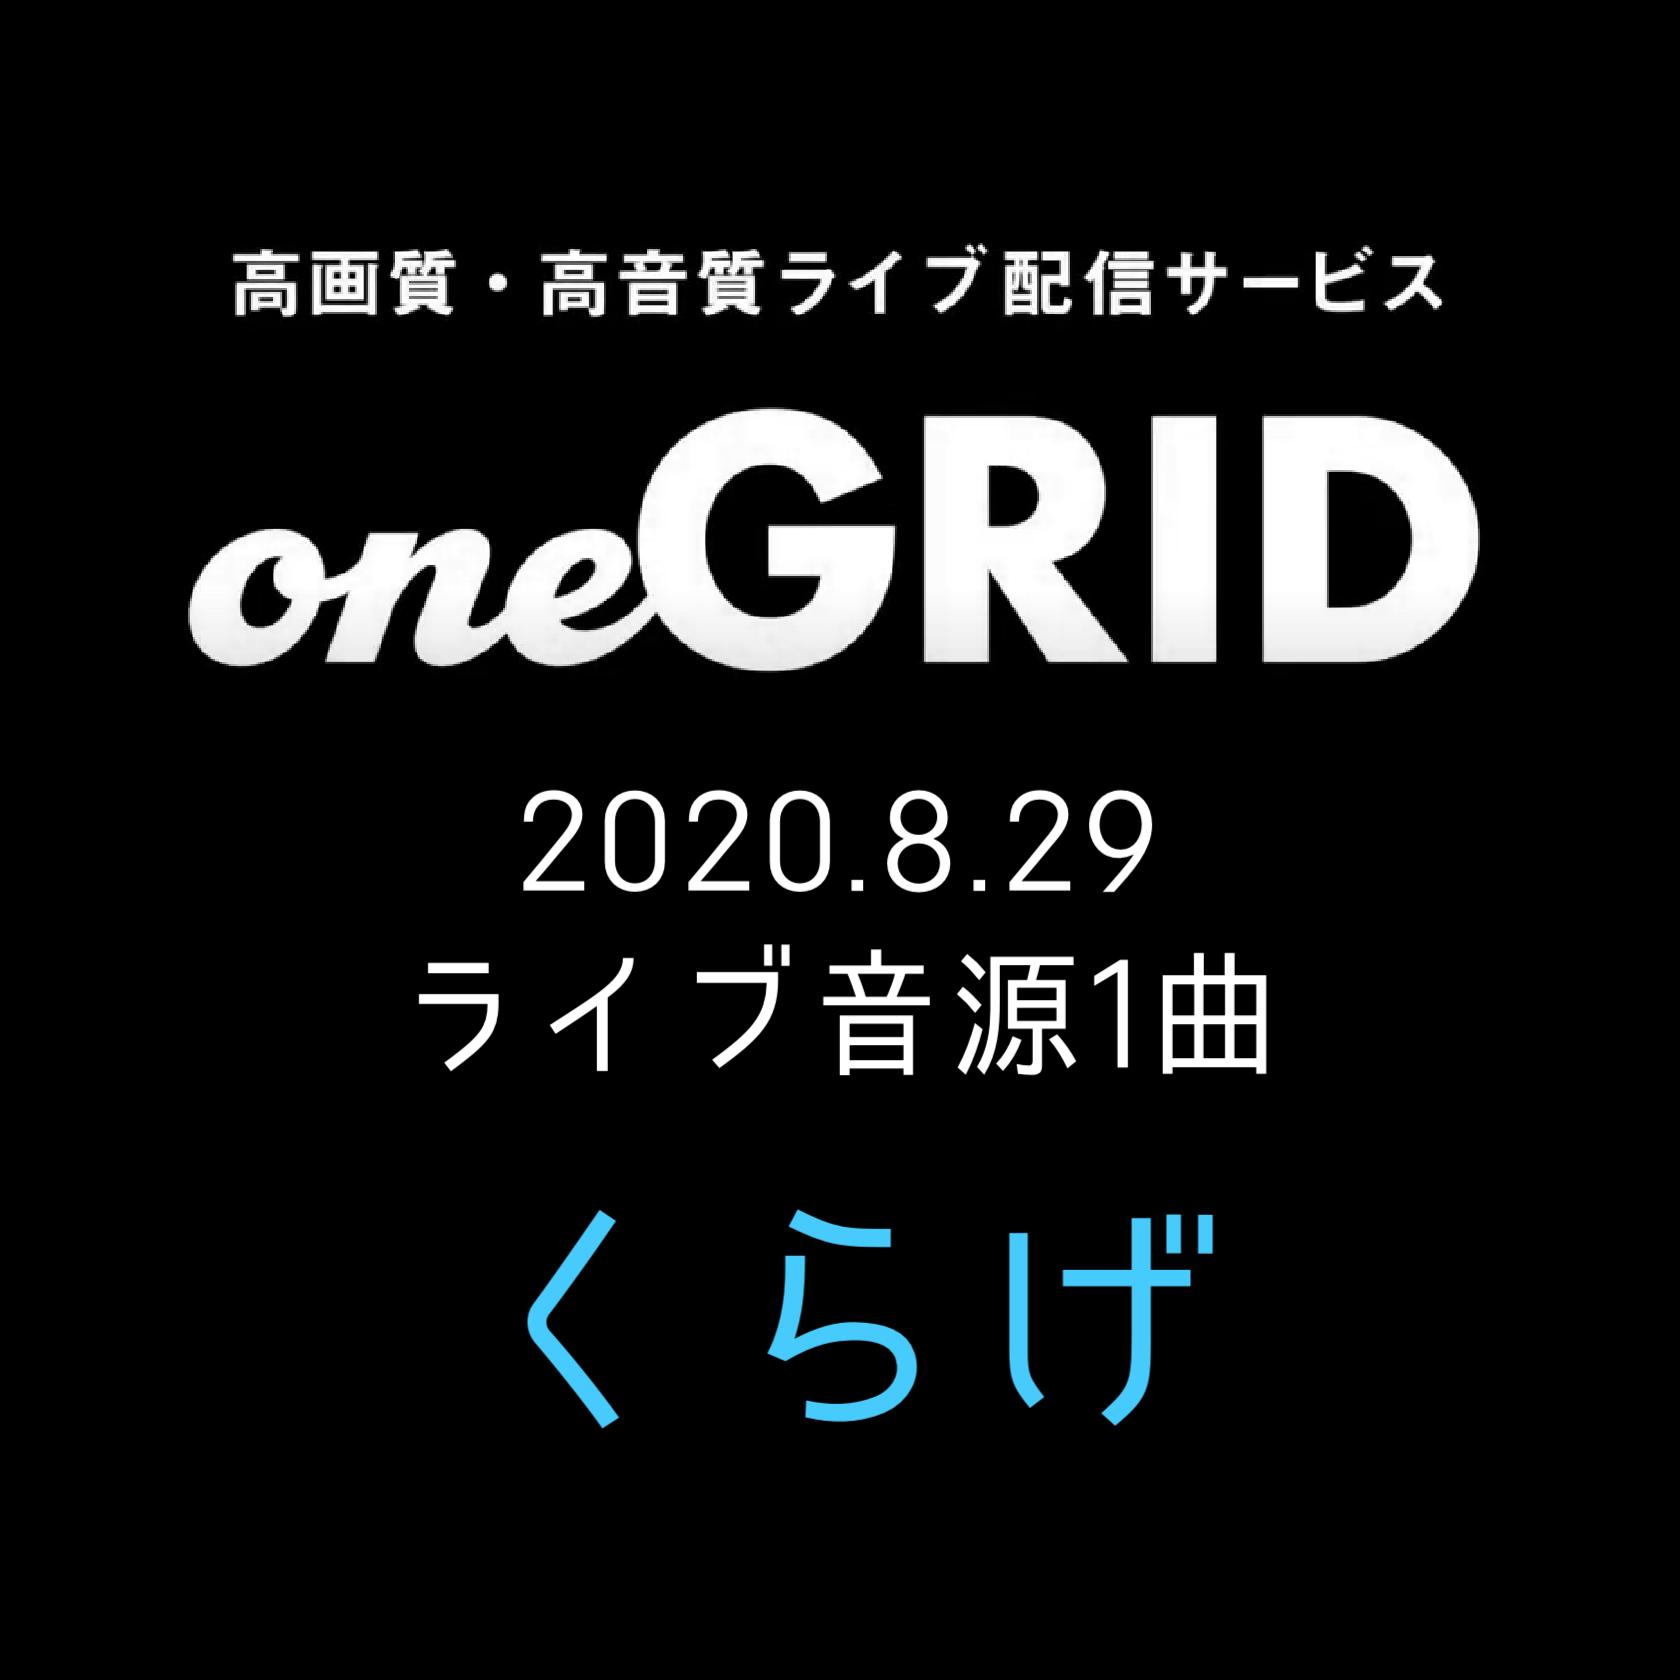 8/29くらげライブ音源